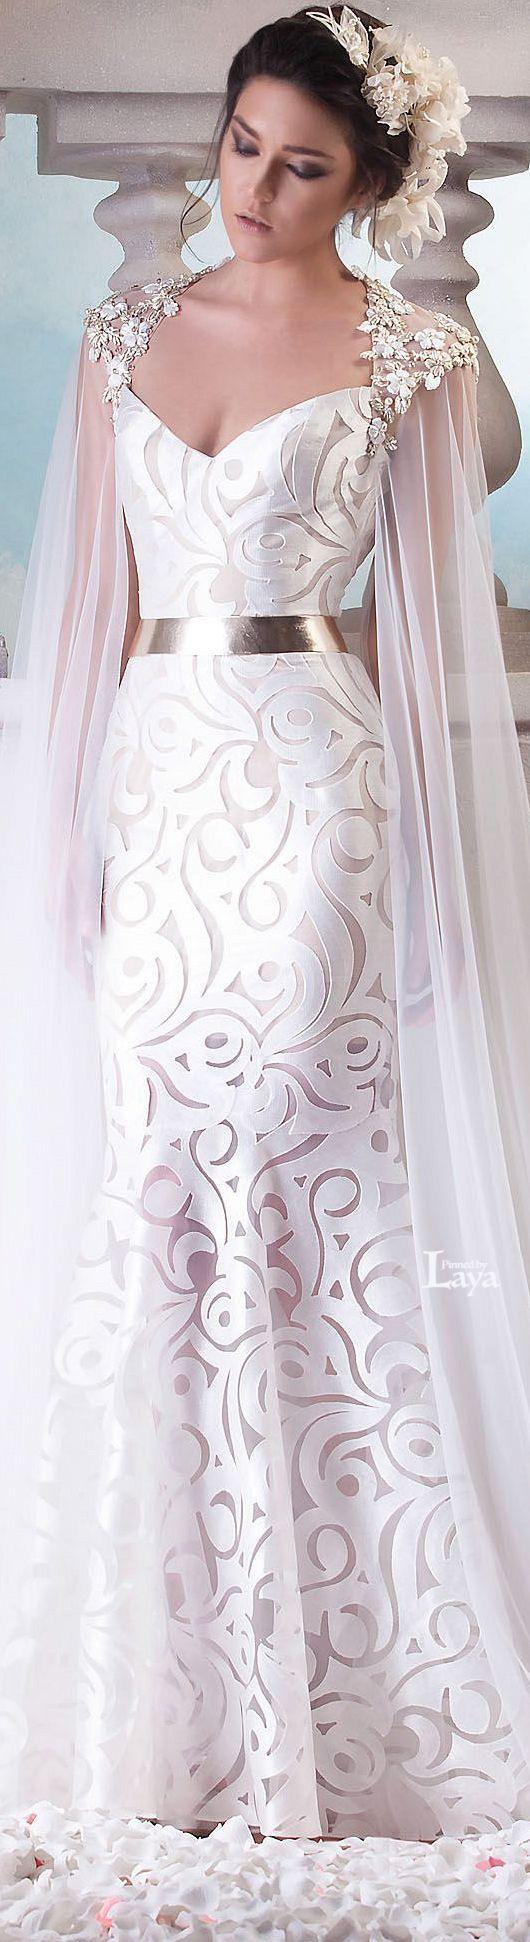 ♔LAYA♔HANNA TOUMA S/S 2015 COUTURE♔ she looks like a godess. I love it